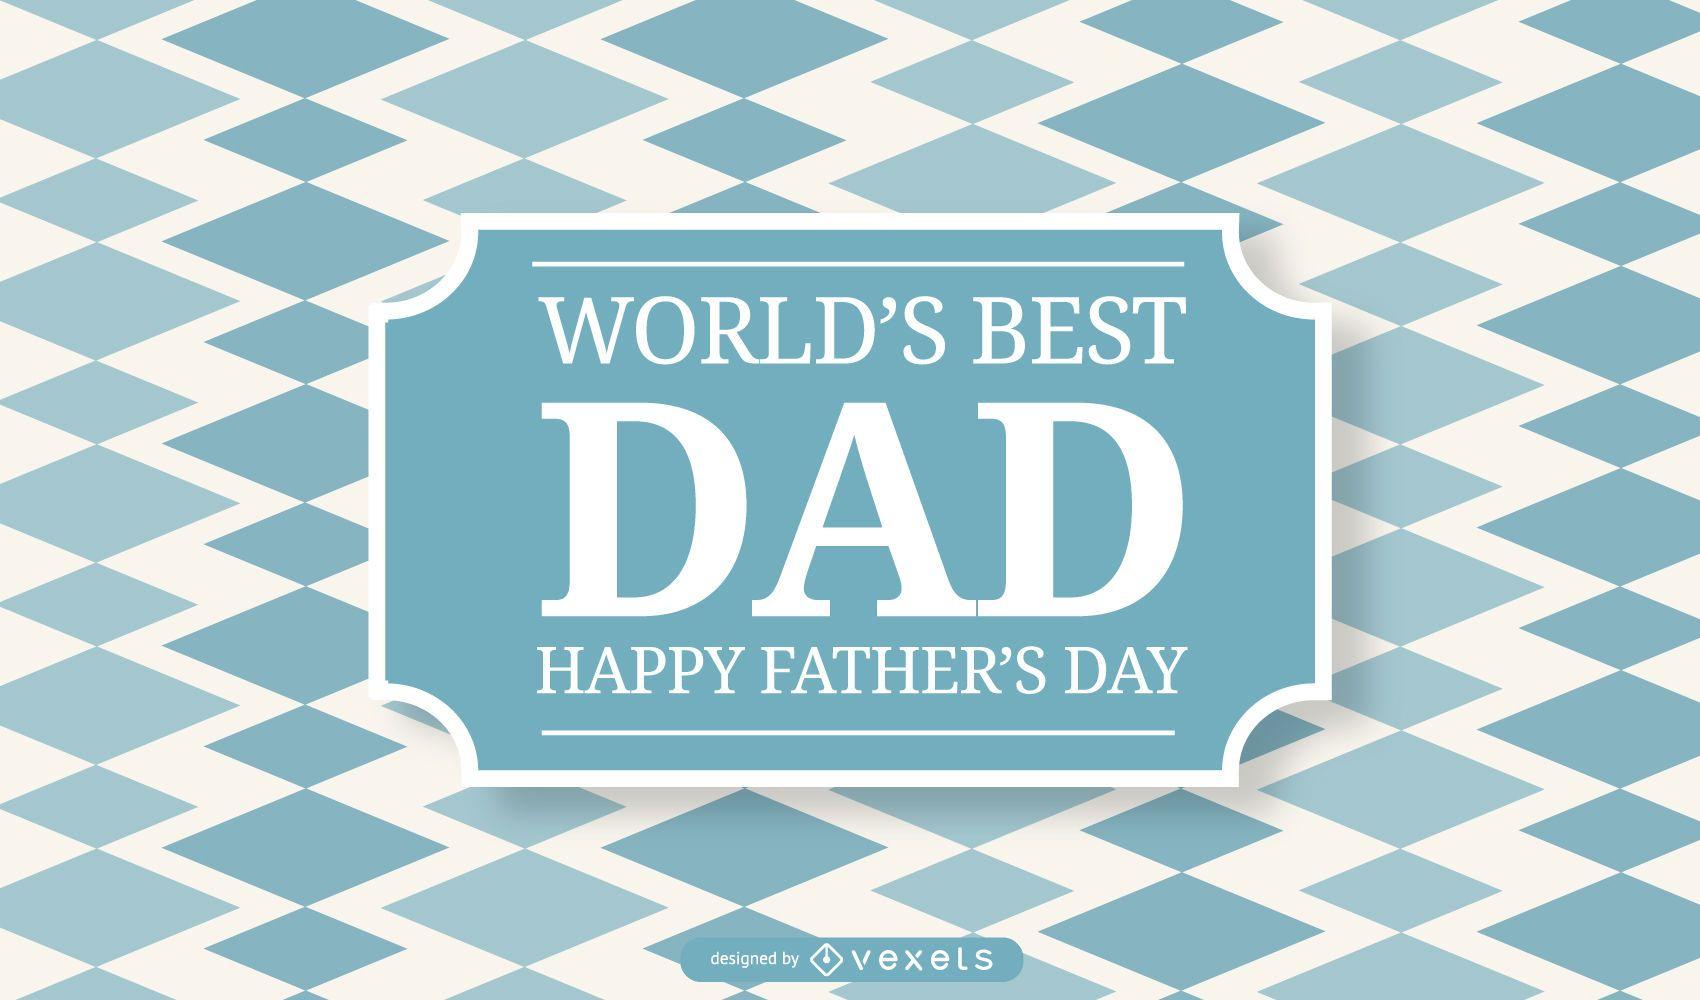 World's Best Dad Background Design